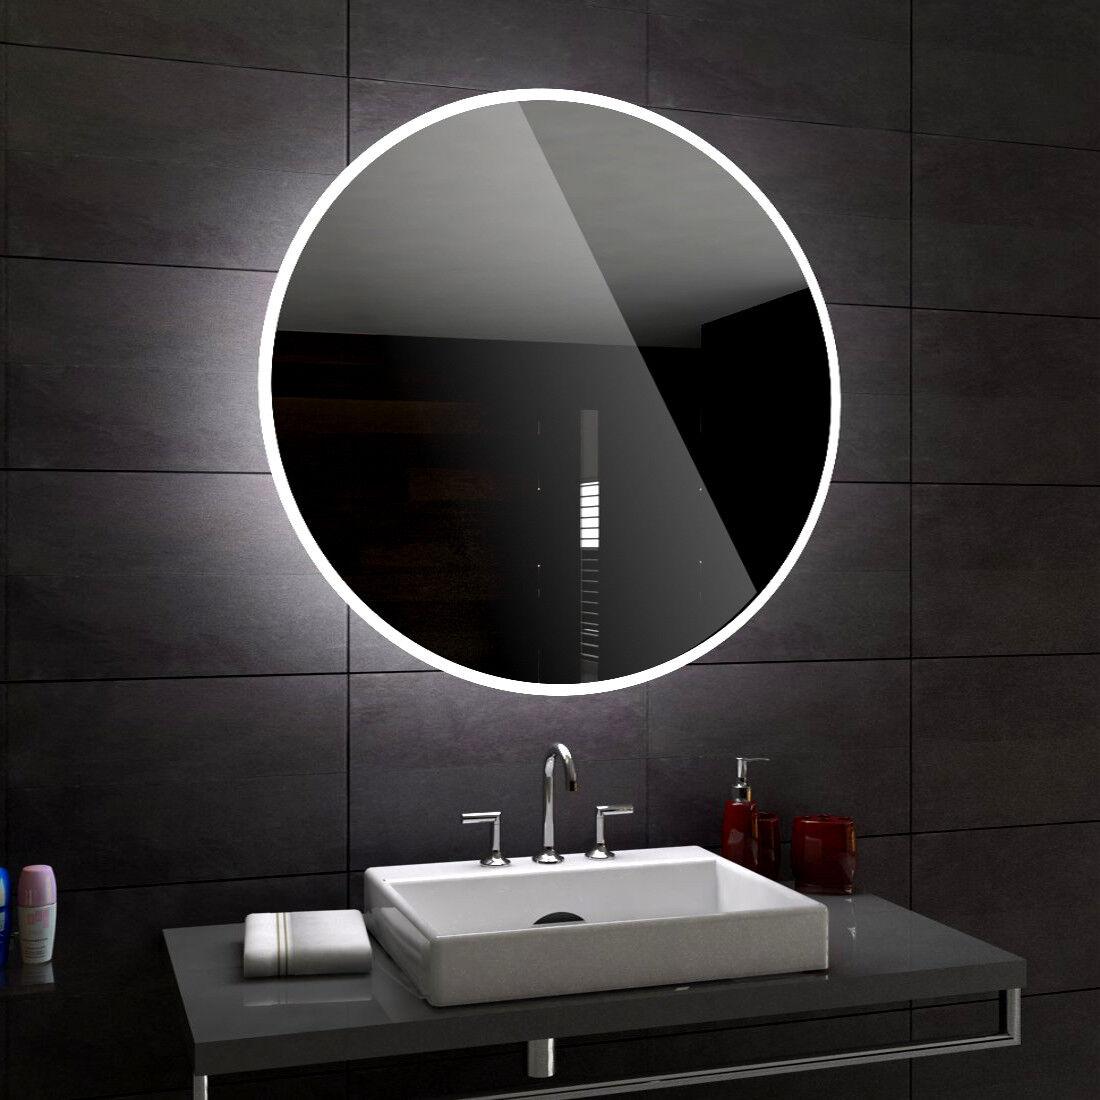 Delhi Rond miroirs de sale bain avec LED MURAL LA SALLE VERS DIMENSIONS CHAQUE